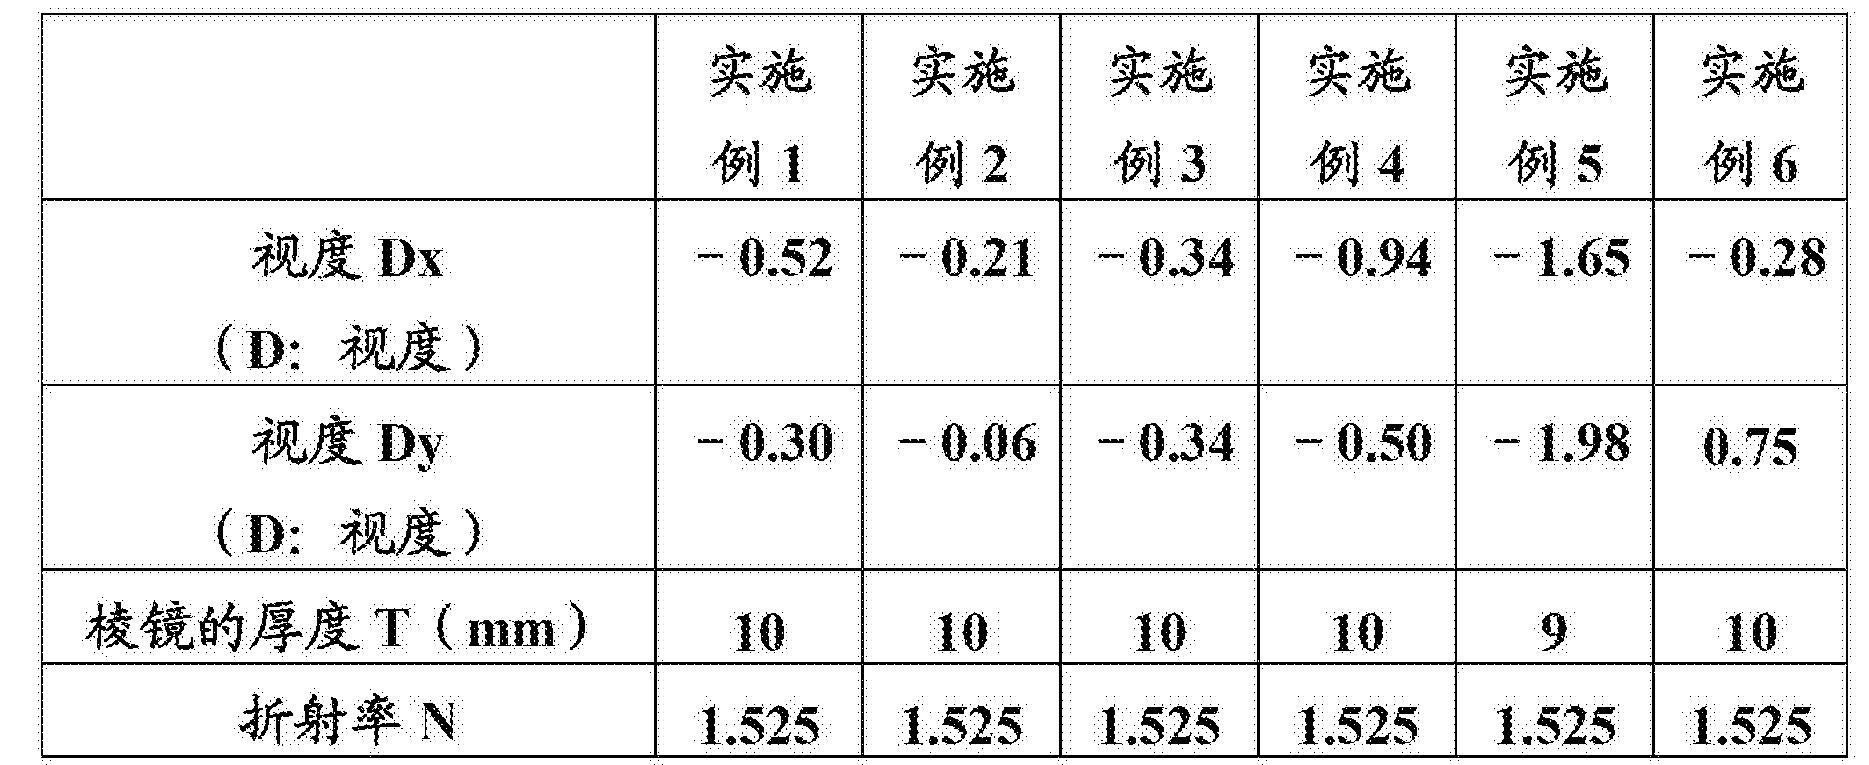 Figure CN103293674BD00312